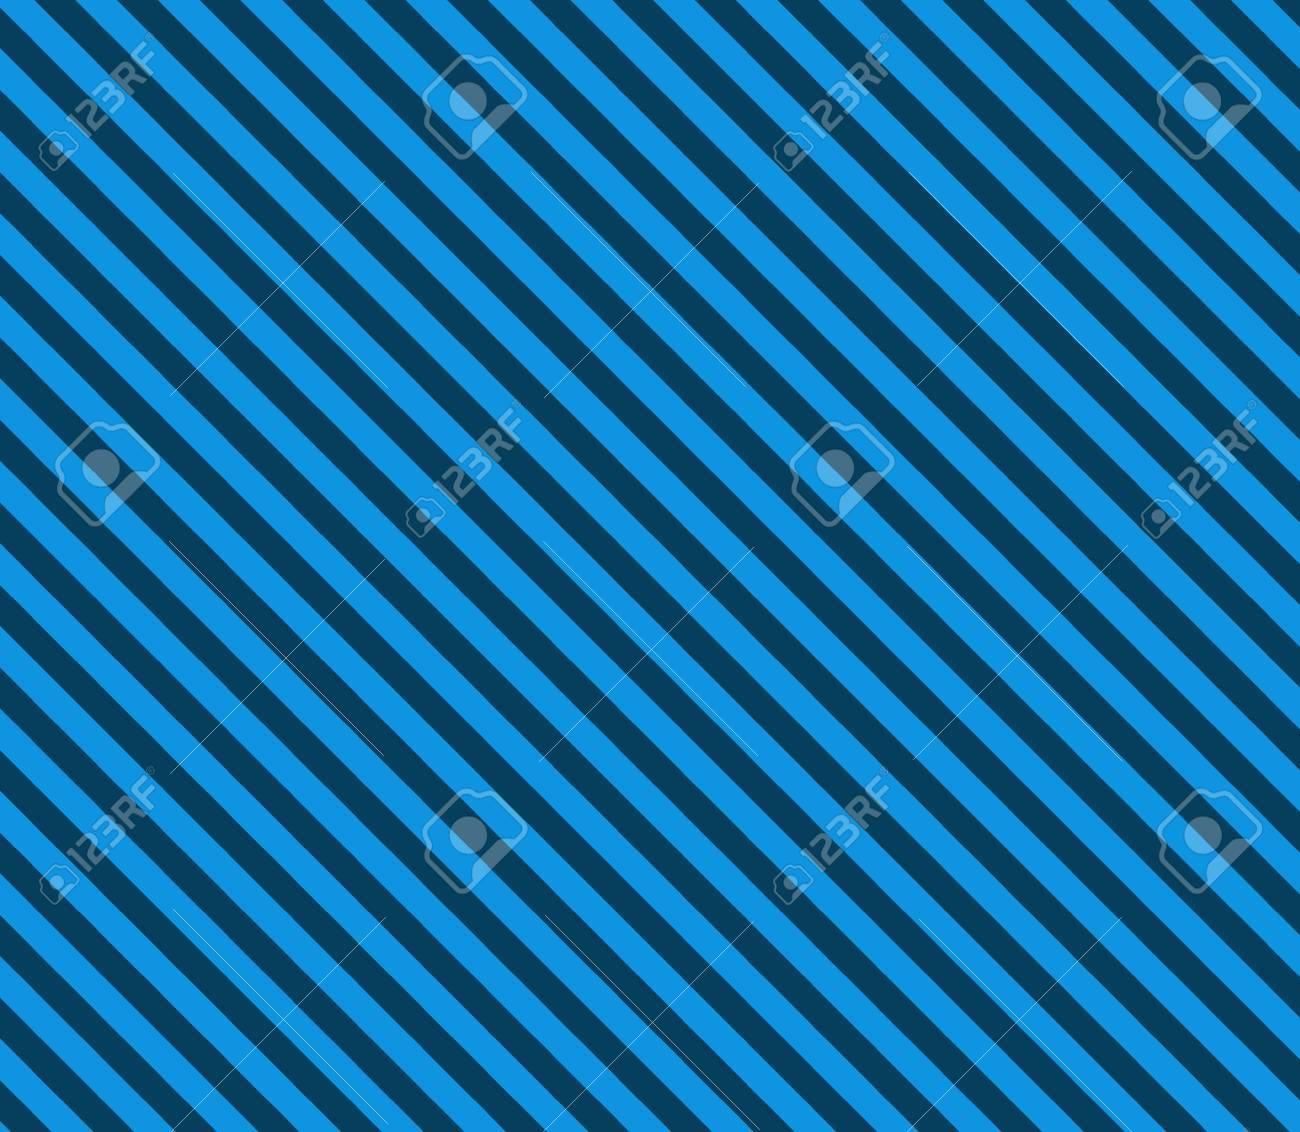 Immagini Stock Sfondo Con Baccalà Parallele Azzurro E Blu Scuro